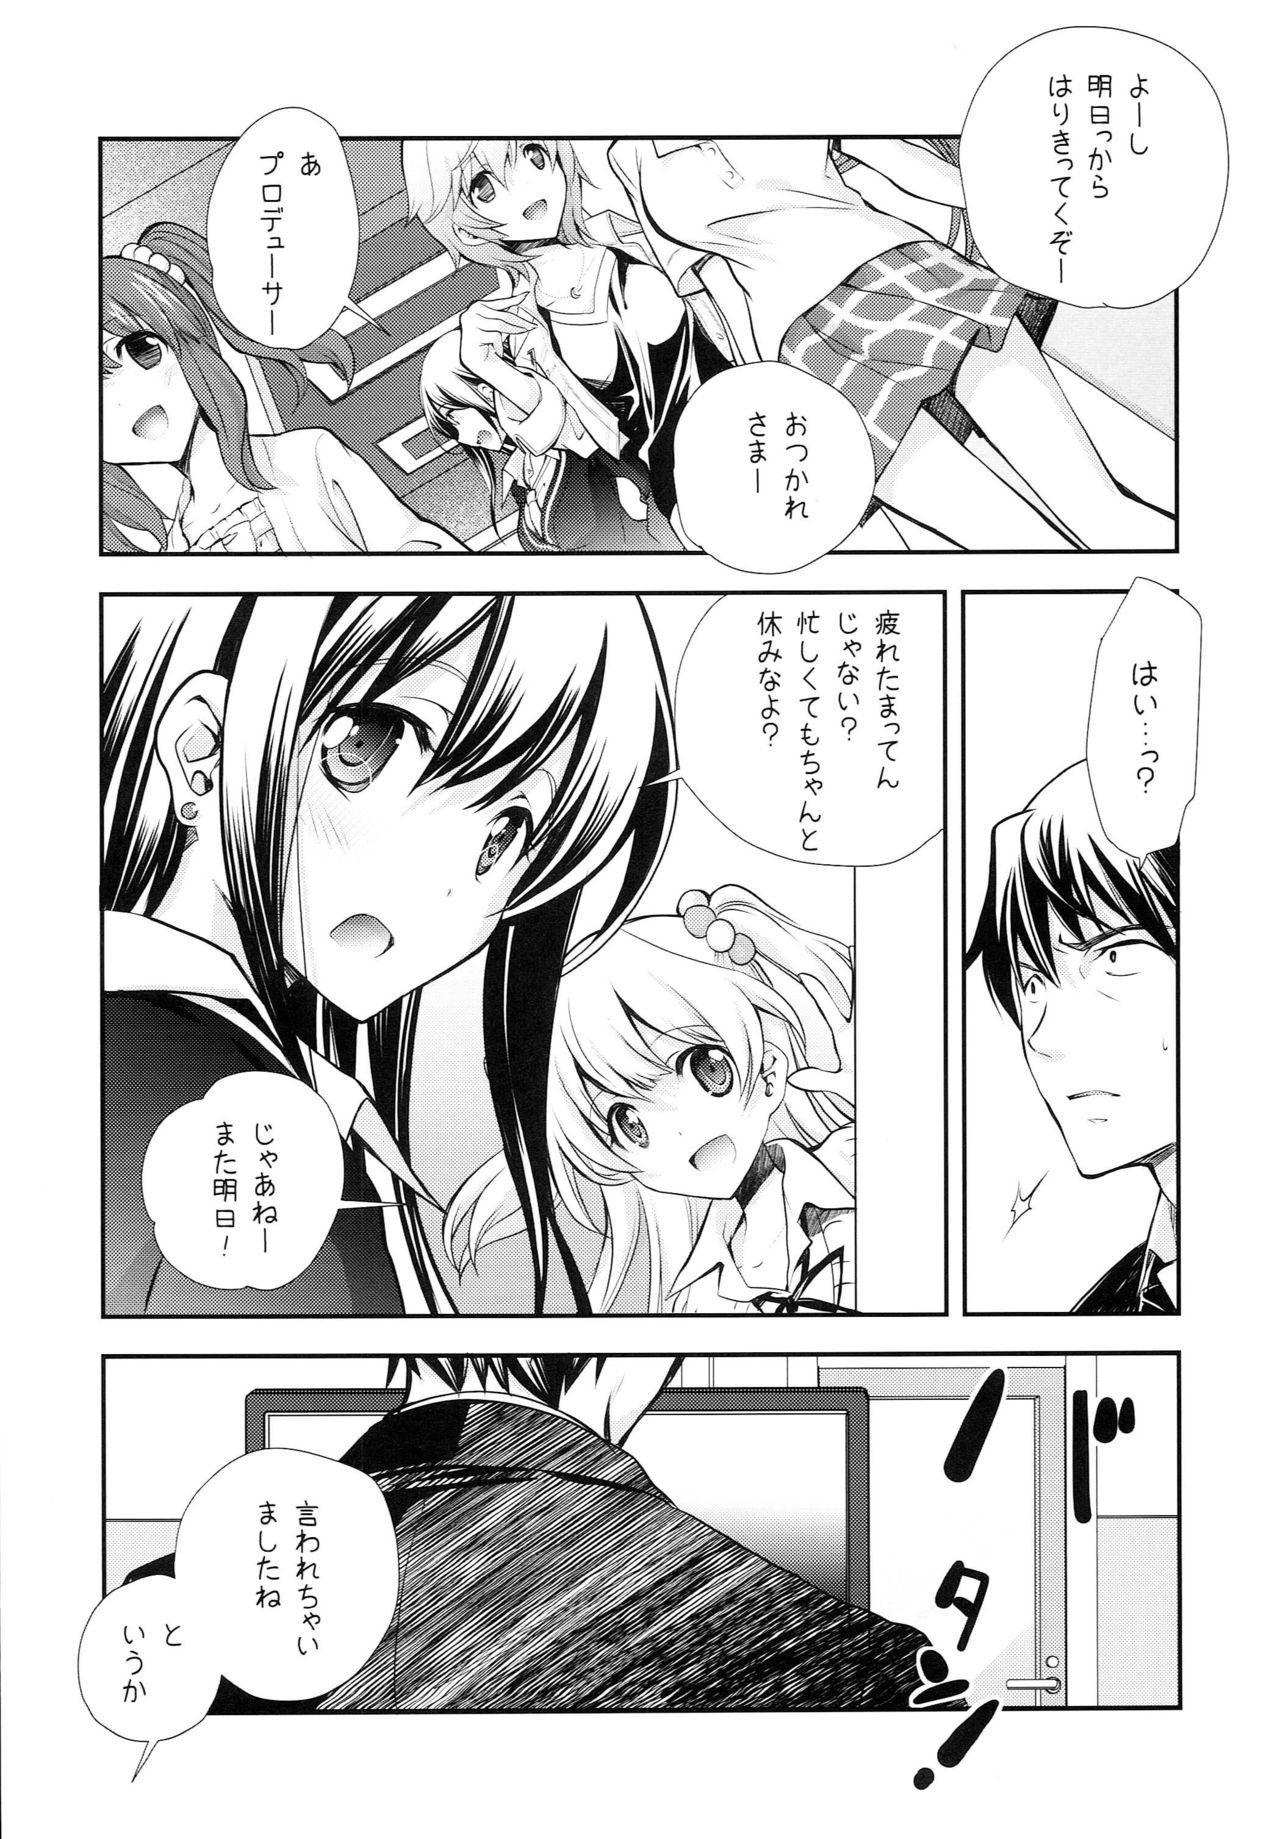 P ni 14-nin no Cinderella ga Makura o Kyouyou Suru Usui Hon 4